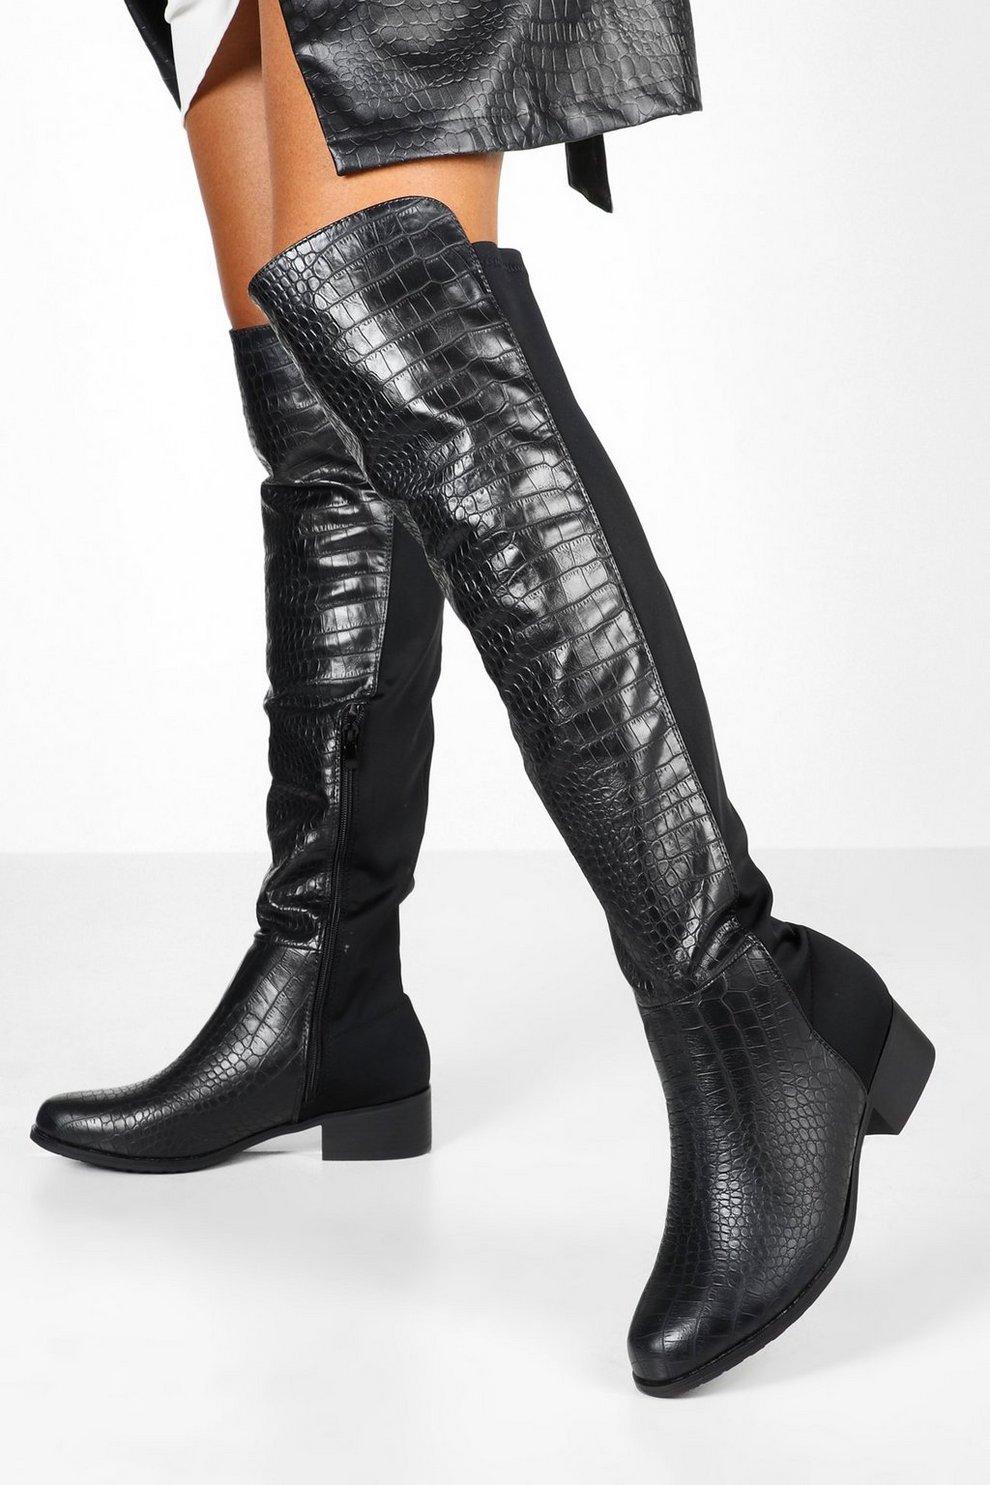 ultimo sconto personalizzate immagini ufficiali Stivali da equitazione bassi al ginocchio effetto coccodrillo